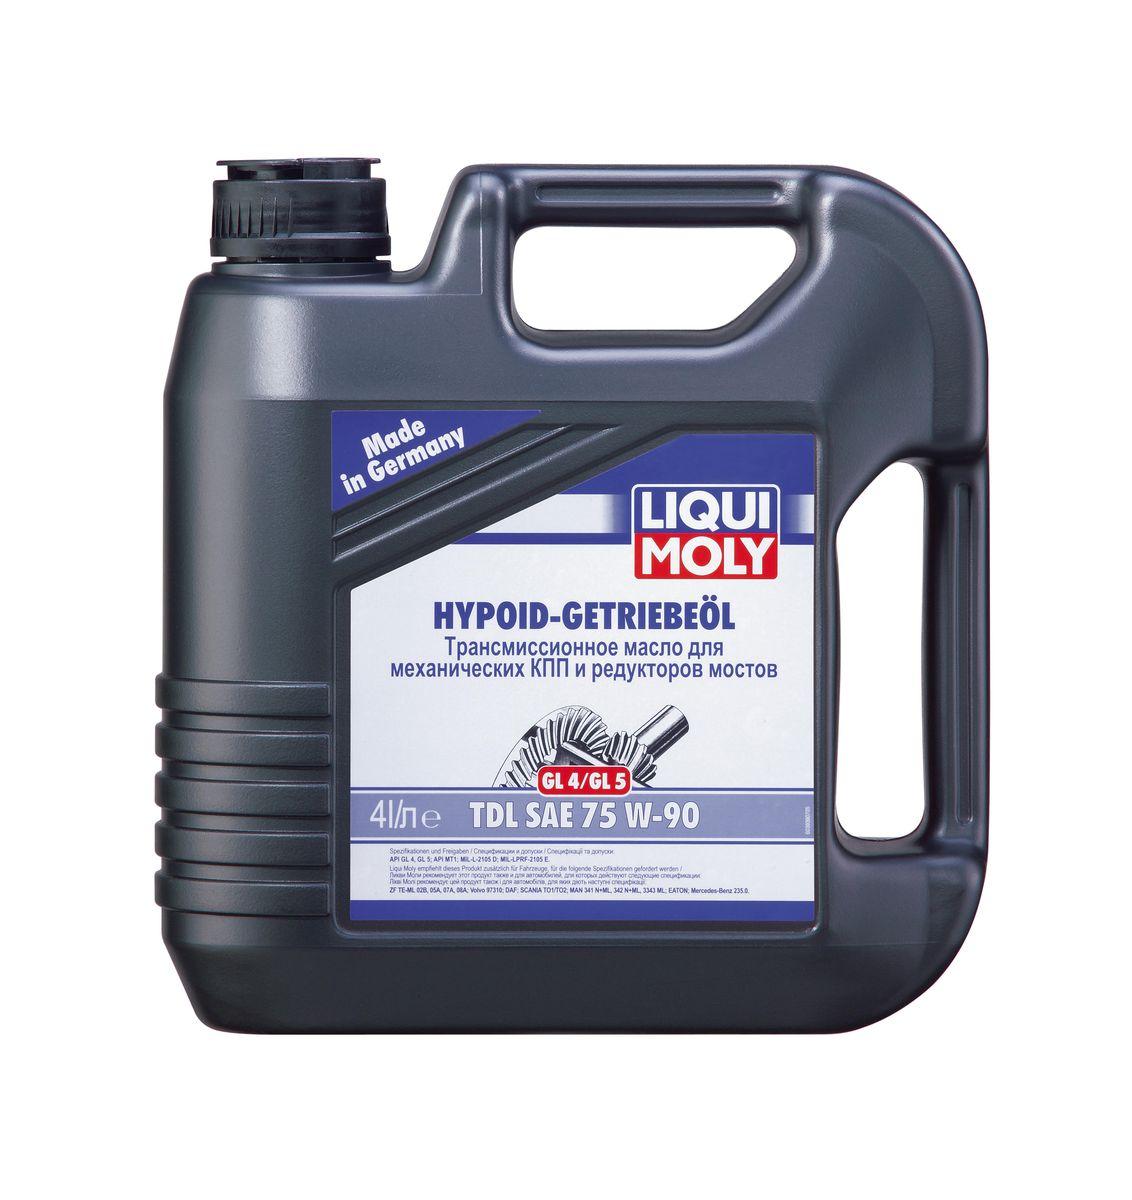 Масло трансмиссионное Liqui Moly Hypoid-Getriebeoil TDL, полусинтетическое, 75W-90, GL-4/GL-5, 4 л3939Масло трансмиссионное Liqui Moly Hypoid-Getriebeoil TDL относится к классификации TDL - Total Drive Line - один сорт масла для всех узлов трансмиссии. Отвечает требованиям международных классификаций трансмиссионных масел для механических коробок передач и гипоидных редукторов ведущих мостов. Полусинтетическое трансмиссионное масло класса GL-4/GL-5 предназначено для использования в механических коробках передач легковых и грузовых автомобилей, раздаточных коробках, гипоидных редукторах ведущих мостов. Масло обеспечивает четкое переключение передач и надежную защиту от износа. В масле Hypoid-Getriebeoil TDL 75W-90 используются высококачественные синтетические и минеральные базовые компоненты, отличающиеся отличной стойкостью к старению. Масло содержит специальный пакет присадок, обеспечивающий одновременно высочайшие защитные свойства и совместимость с материалами синхронизаторов. Особенности: - Имеет широкий температурный диапазон применения -...